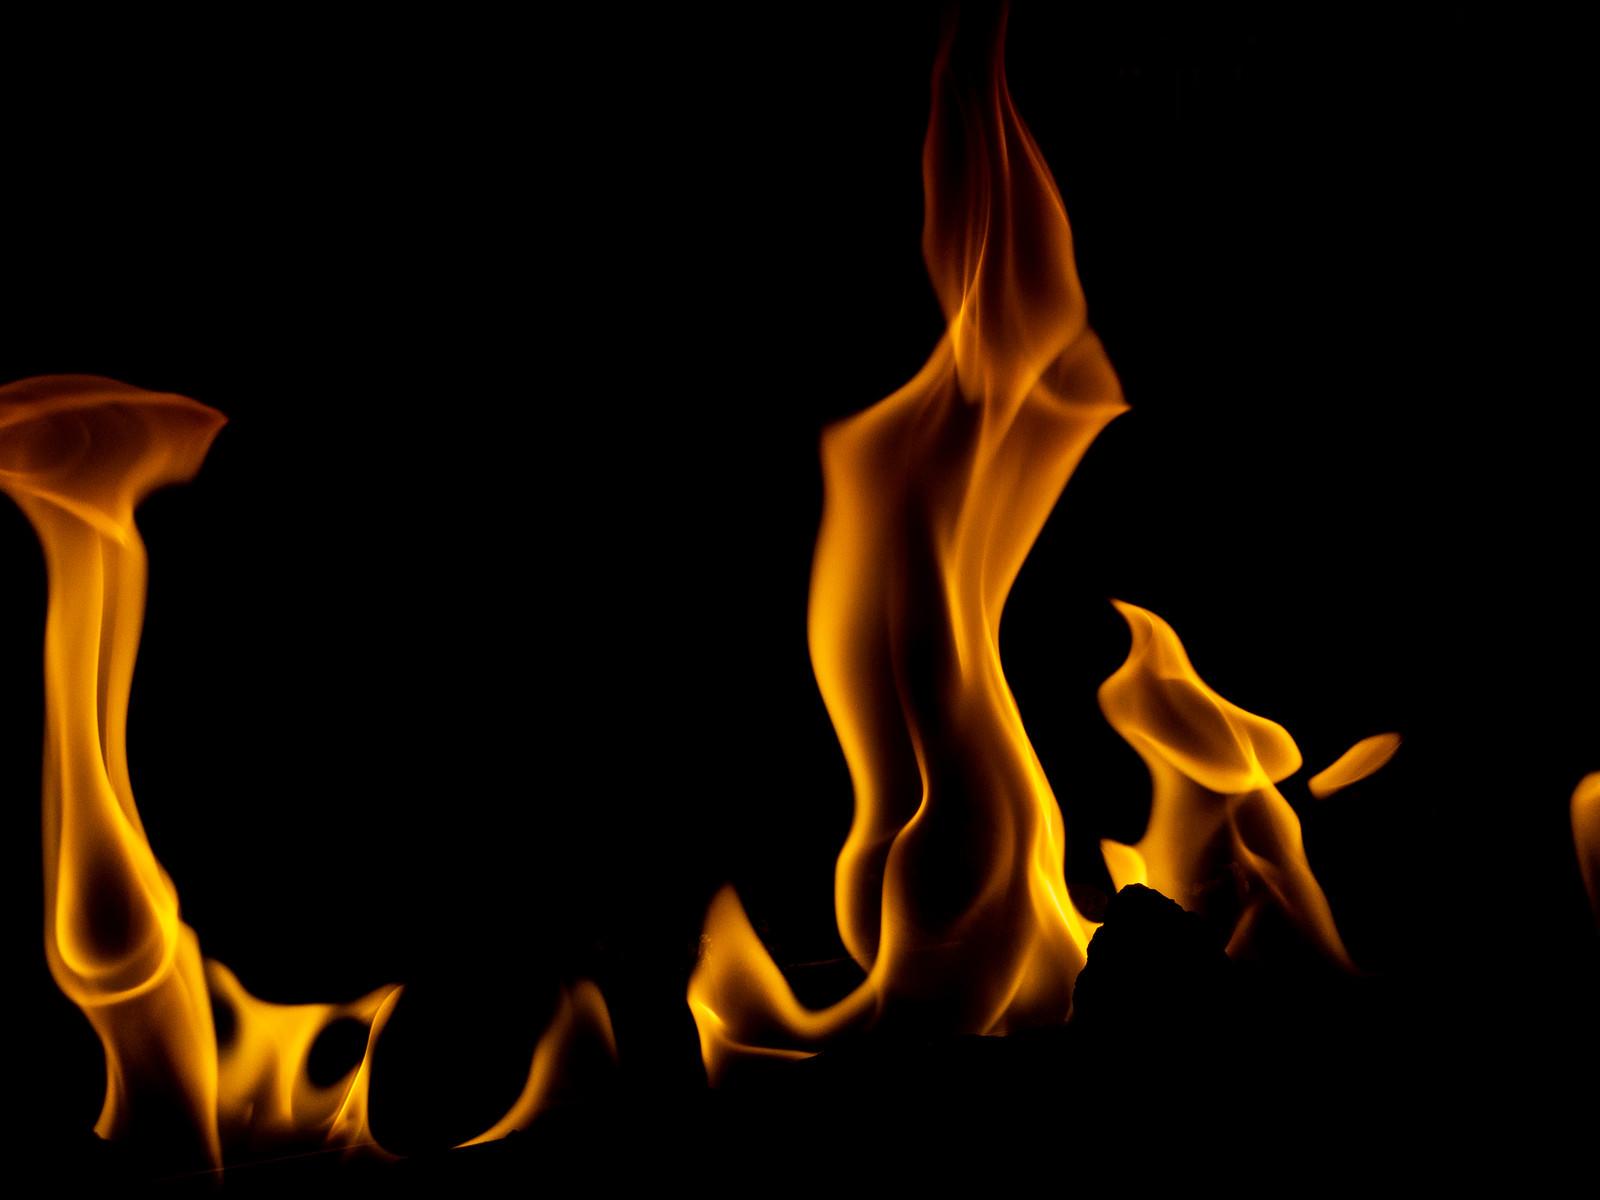 「メラメラと燃(も)える」の写真